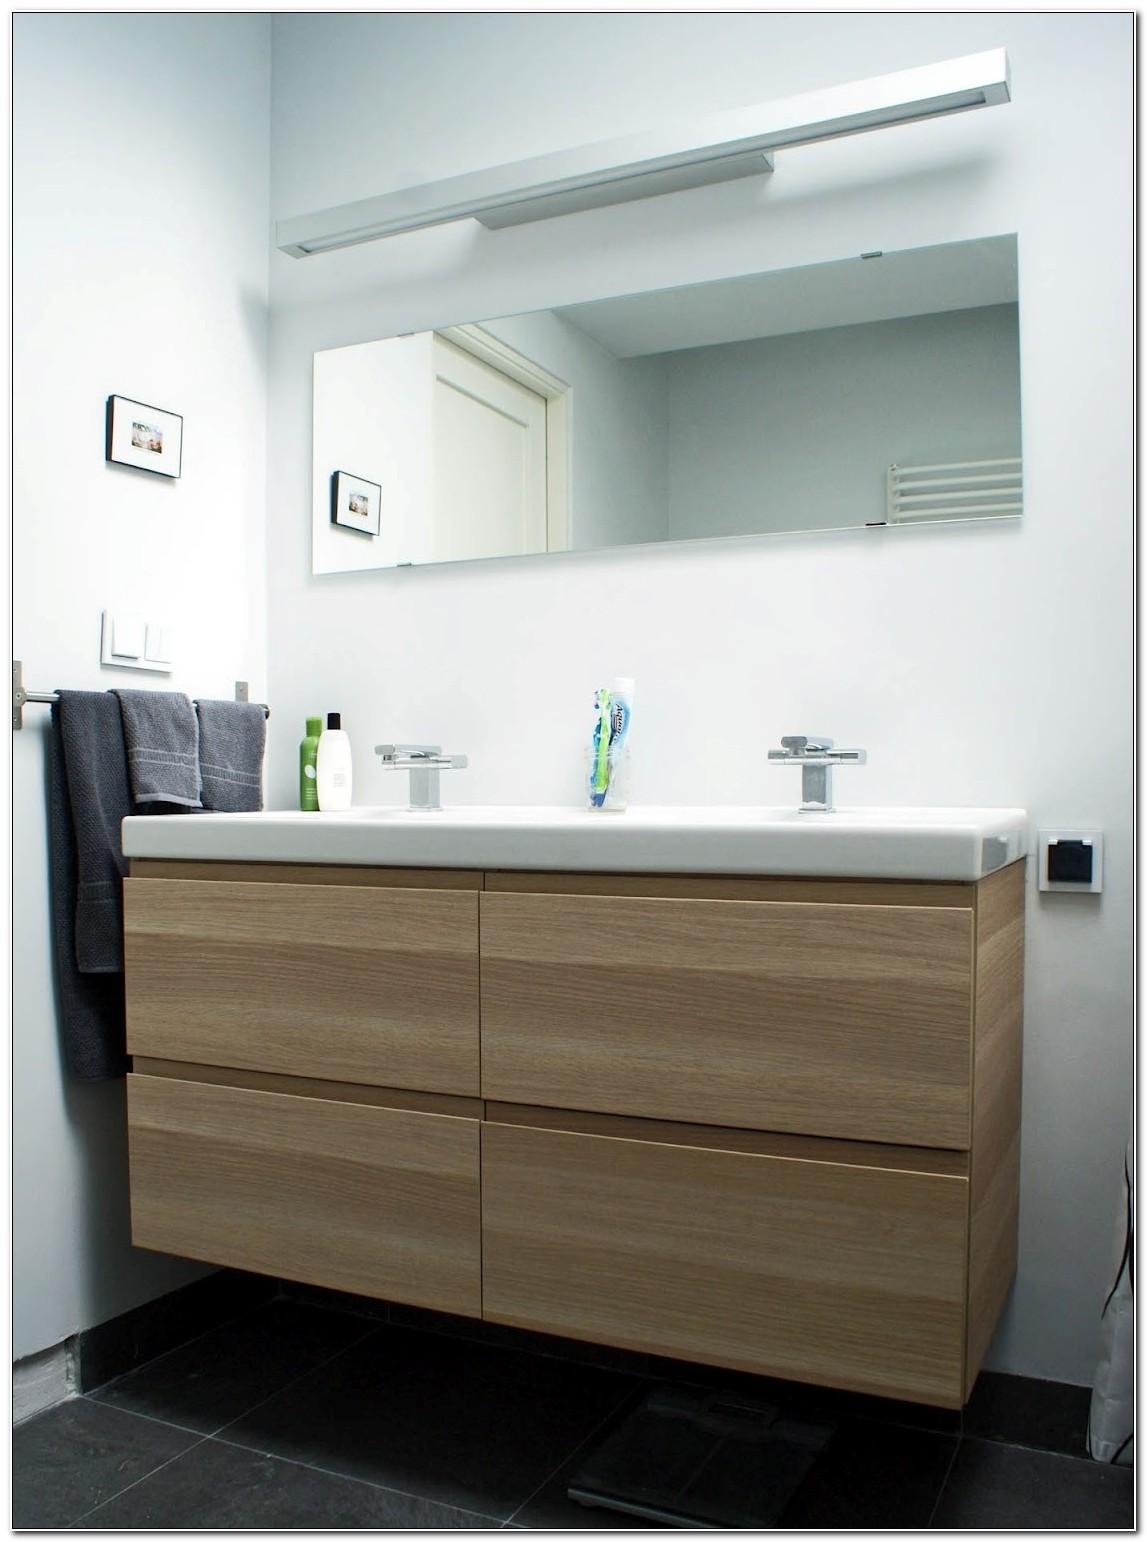 Bathroom Cabinets Ikea Dubai